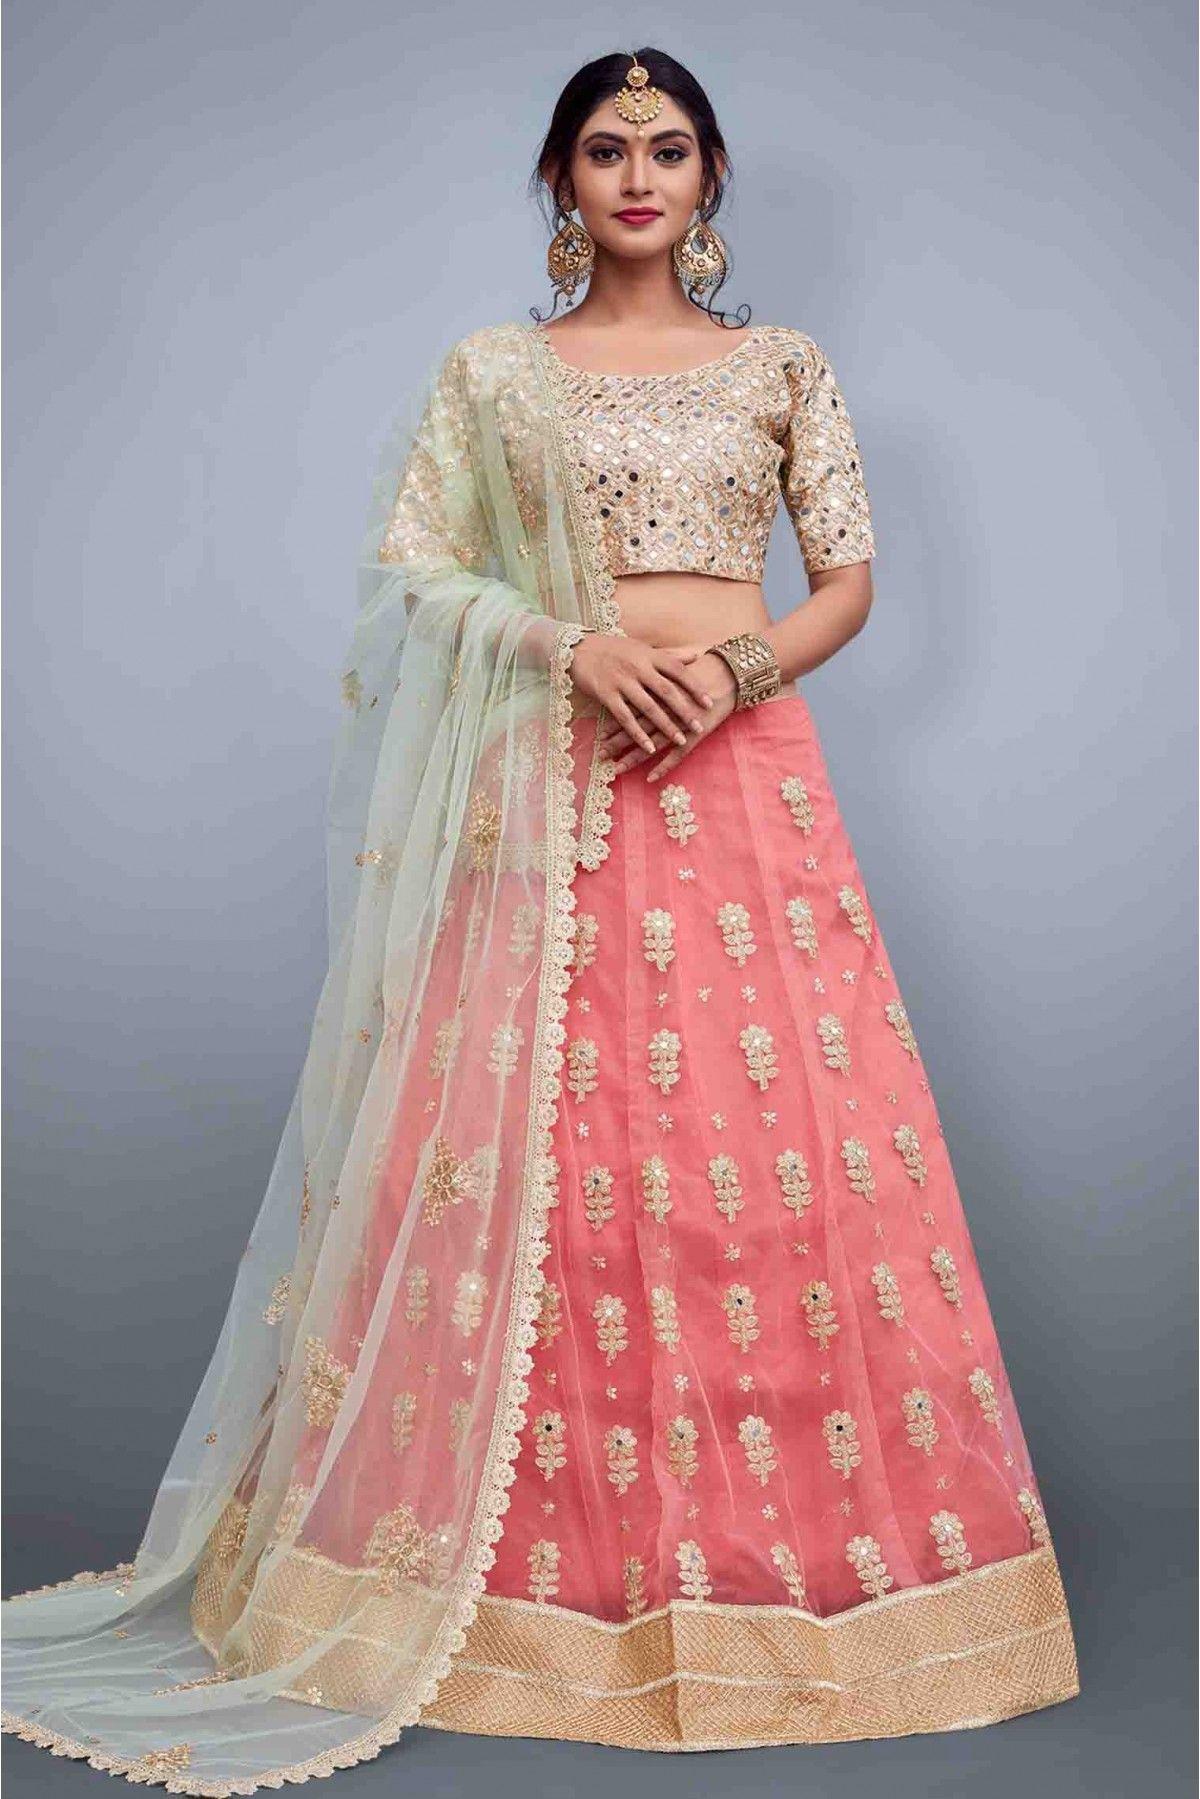 Mirror Embroidered Wedding Lehenga choli with jacket  Bridesmaids Lehenga  Lehengamall Lehenga choli